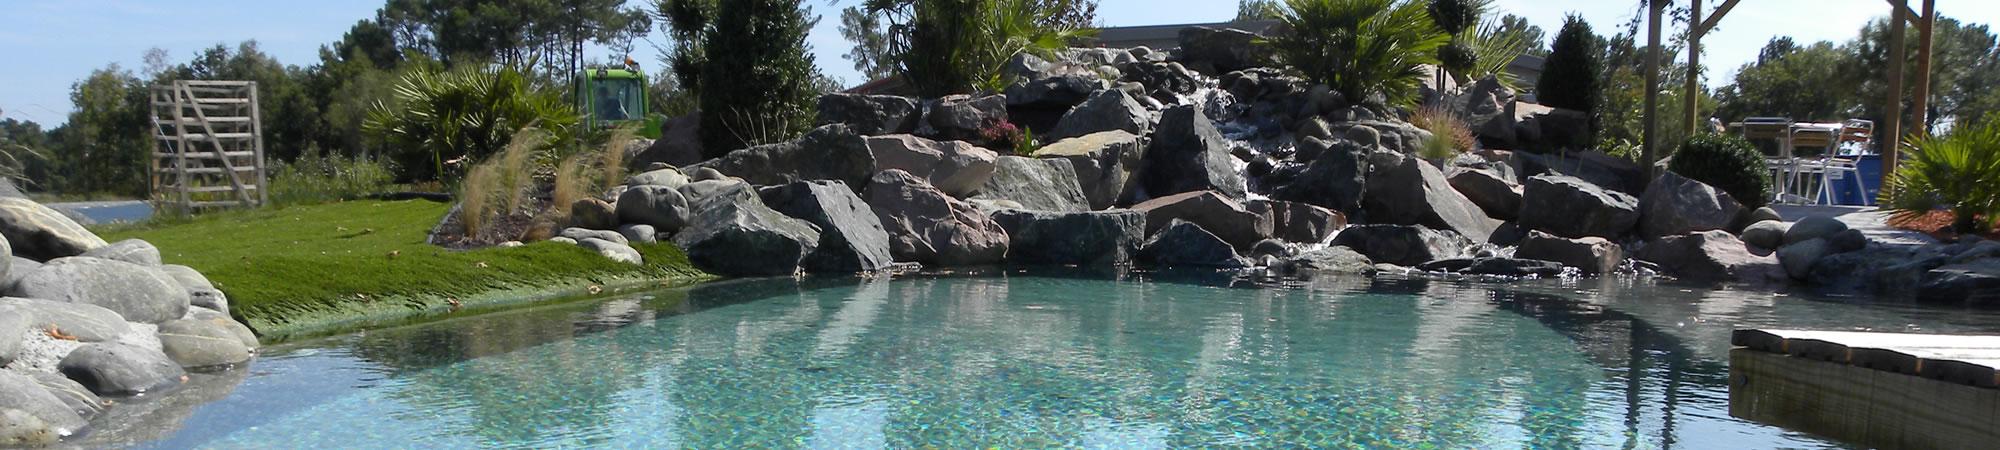 Brettes piscine constructeur piscine bordeaux for Constructeur bordeaux